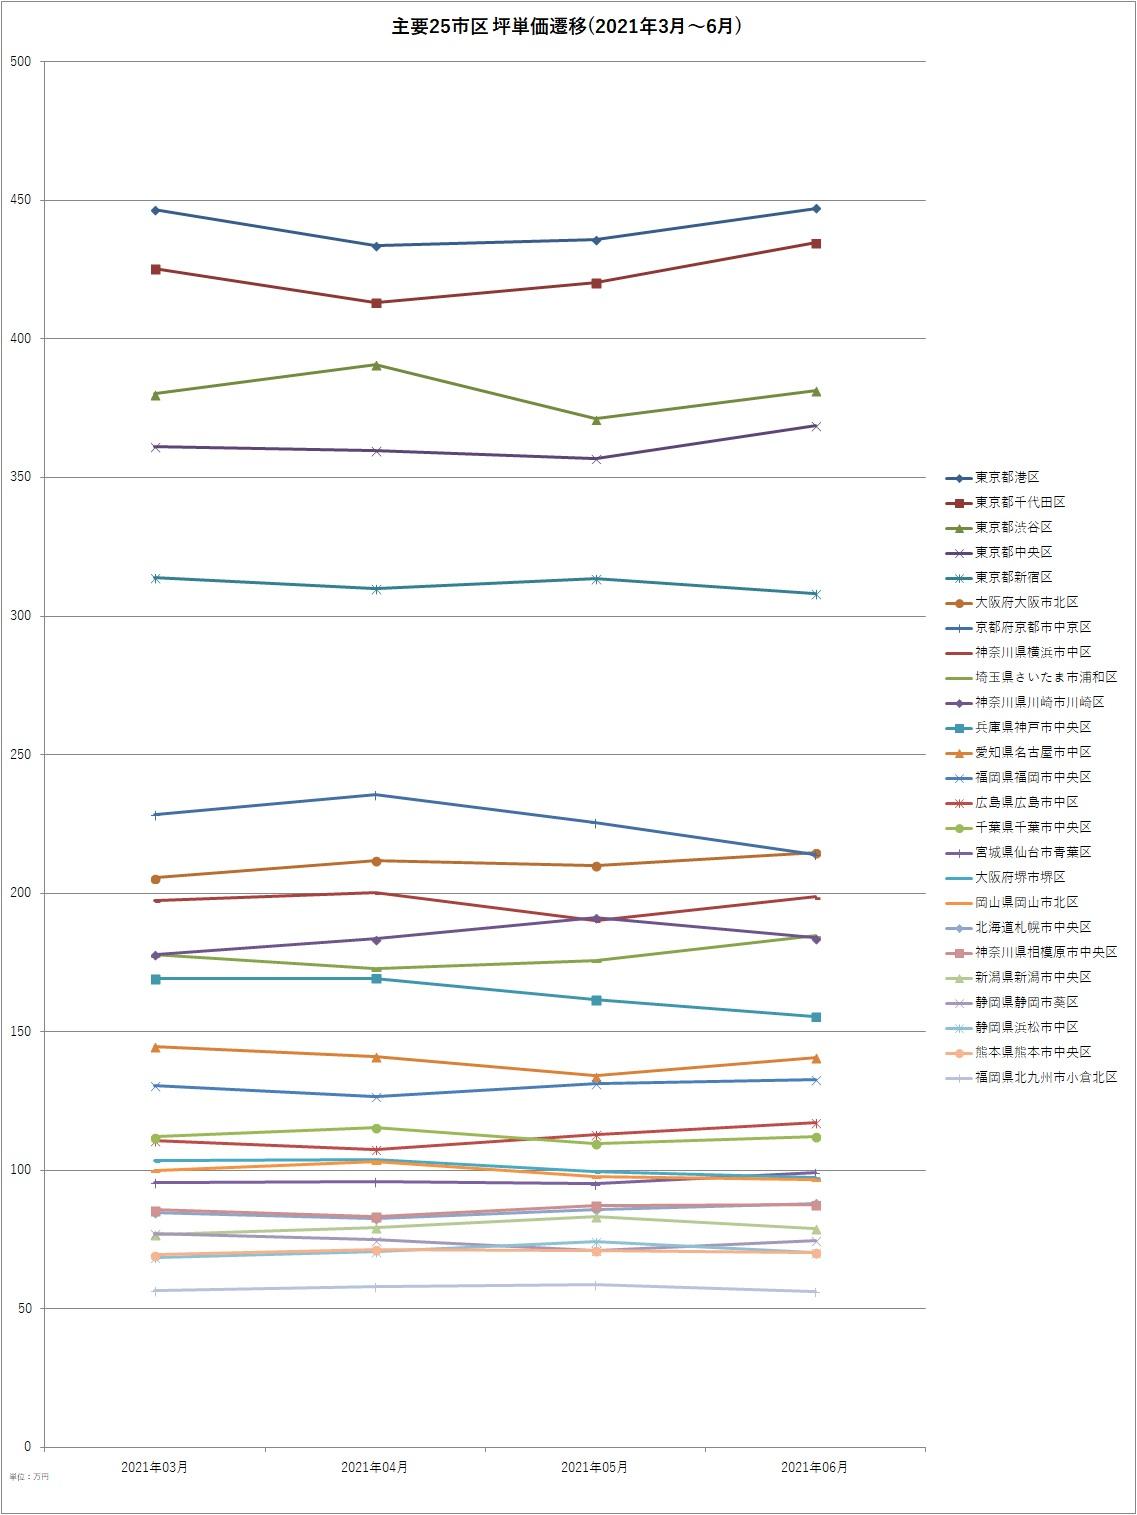 主要25市区坪単価遷移(2021年3月~6月)